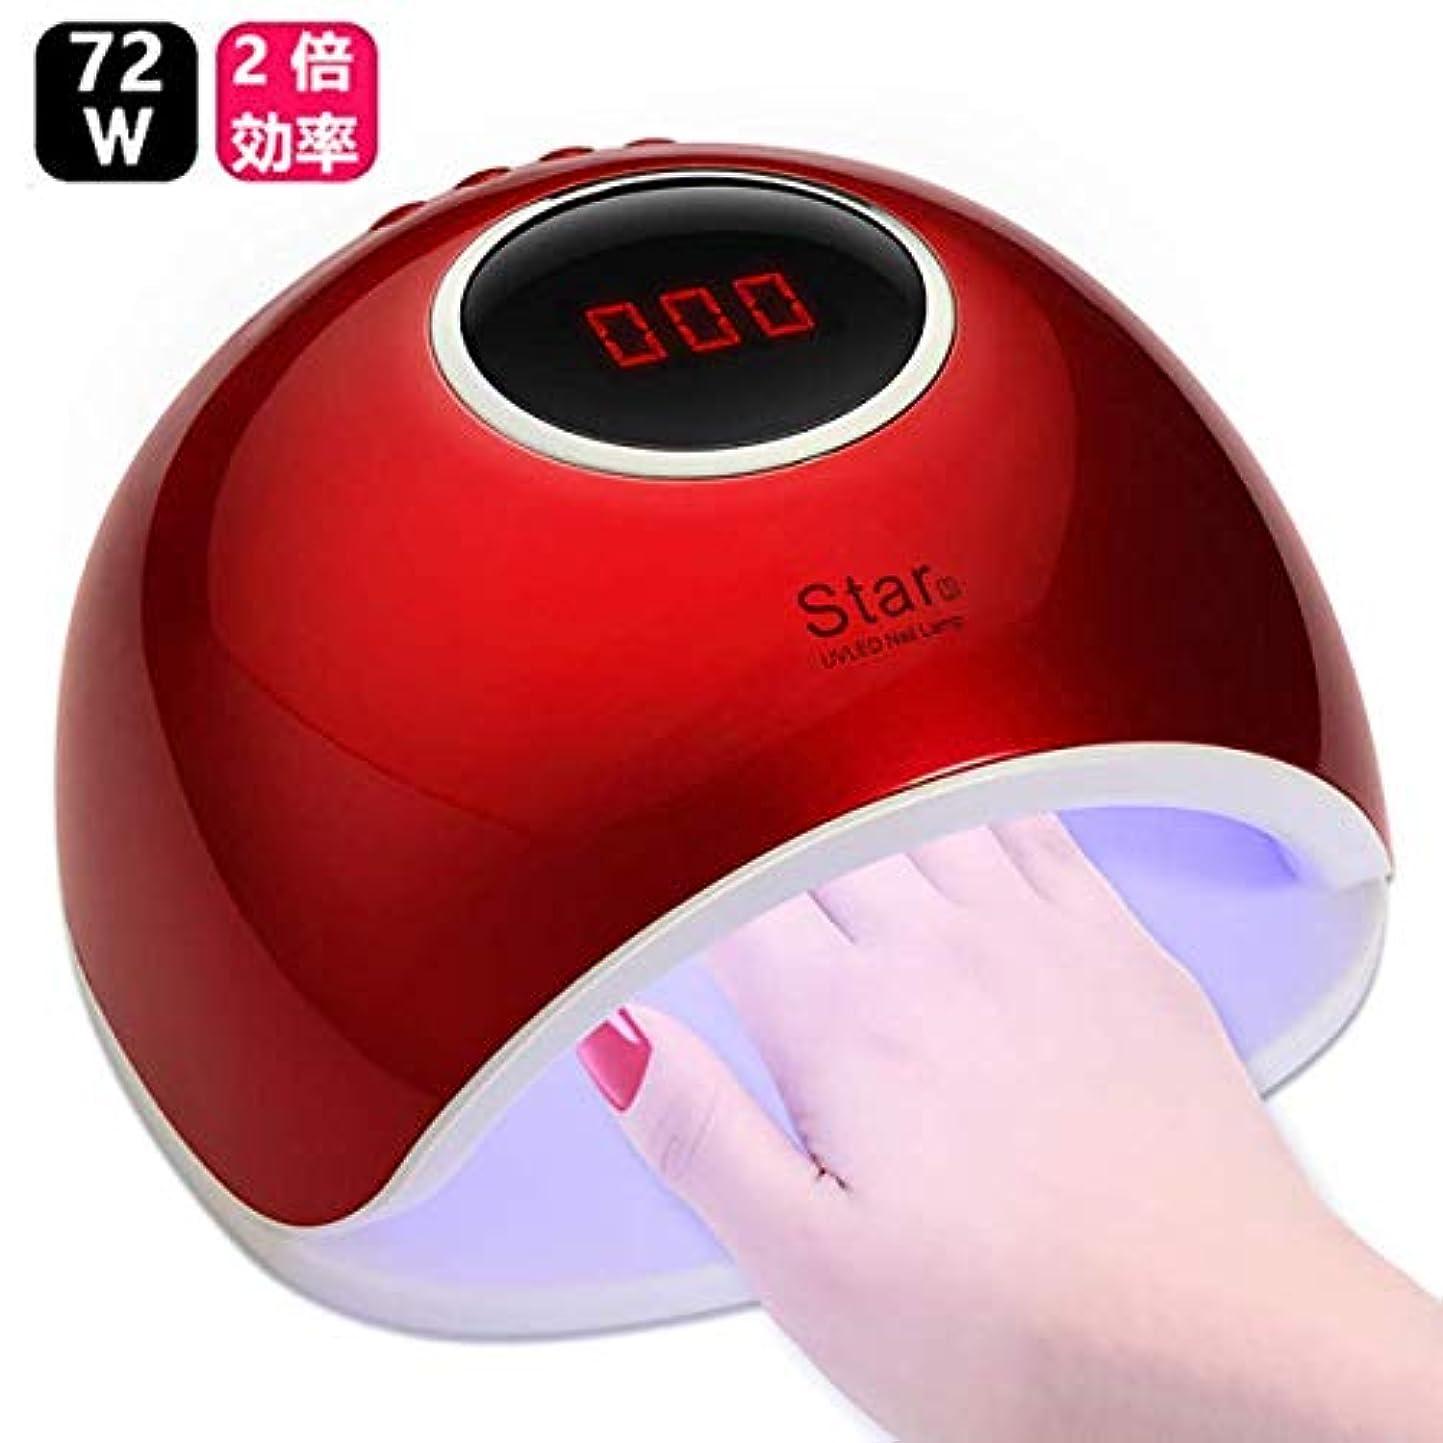 サーマル百中古UV LEDネイルドライヤー 赤外線検知 72W2倍の効率 赤外線美白機能付き マニキュア用 4段階タイマー設定可能 手足兼用 (レッド)